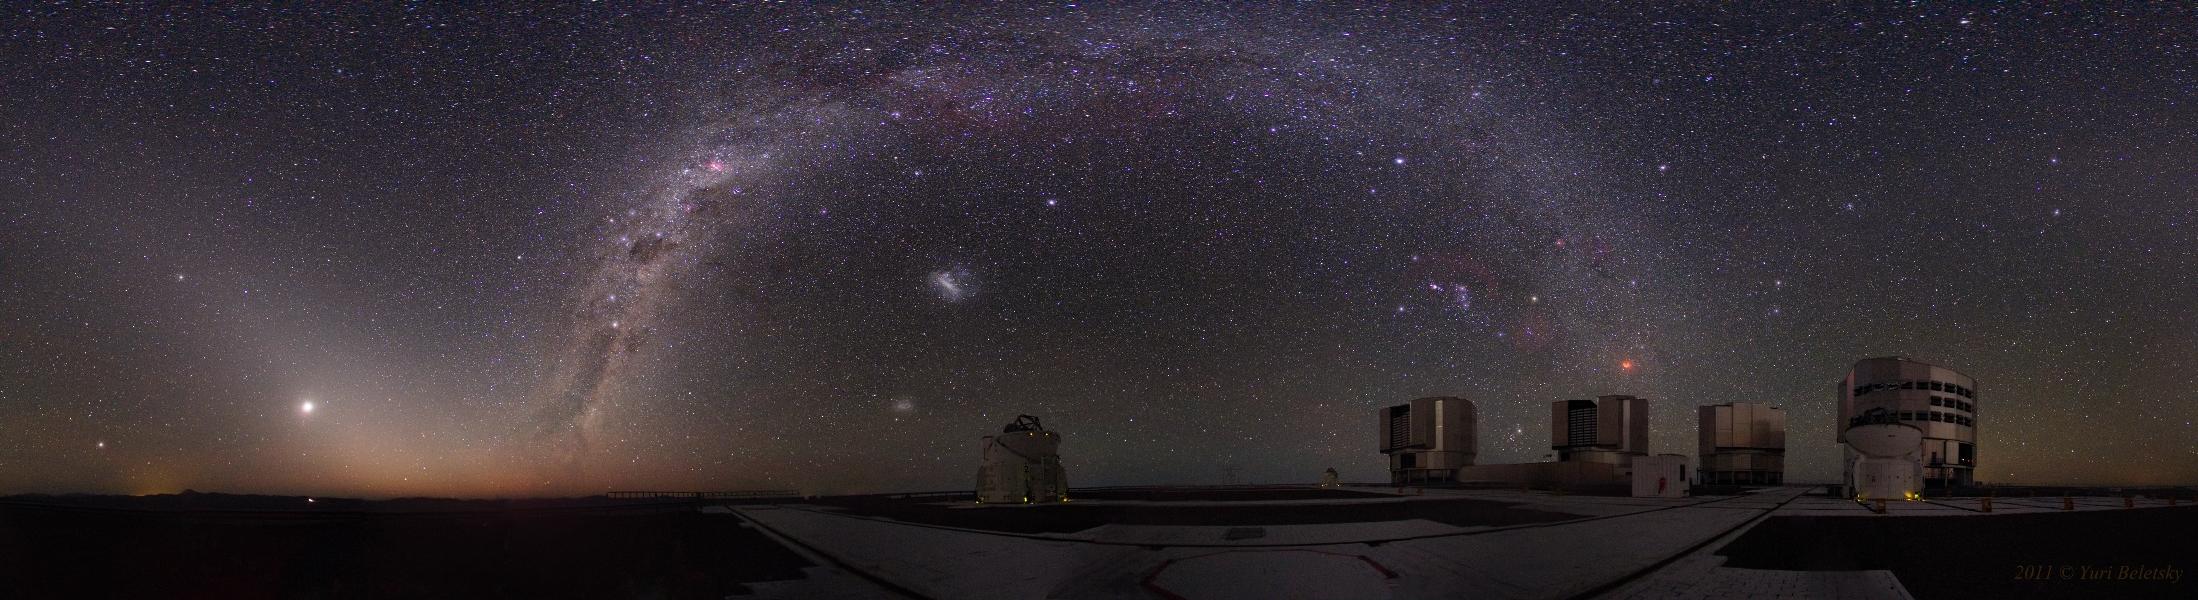 Maravillas y misterios por encima de los Telescopios Muy Grandes